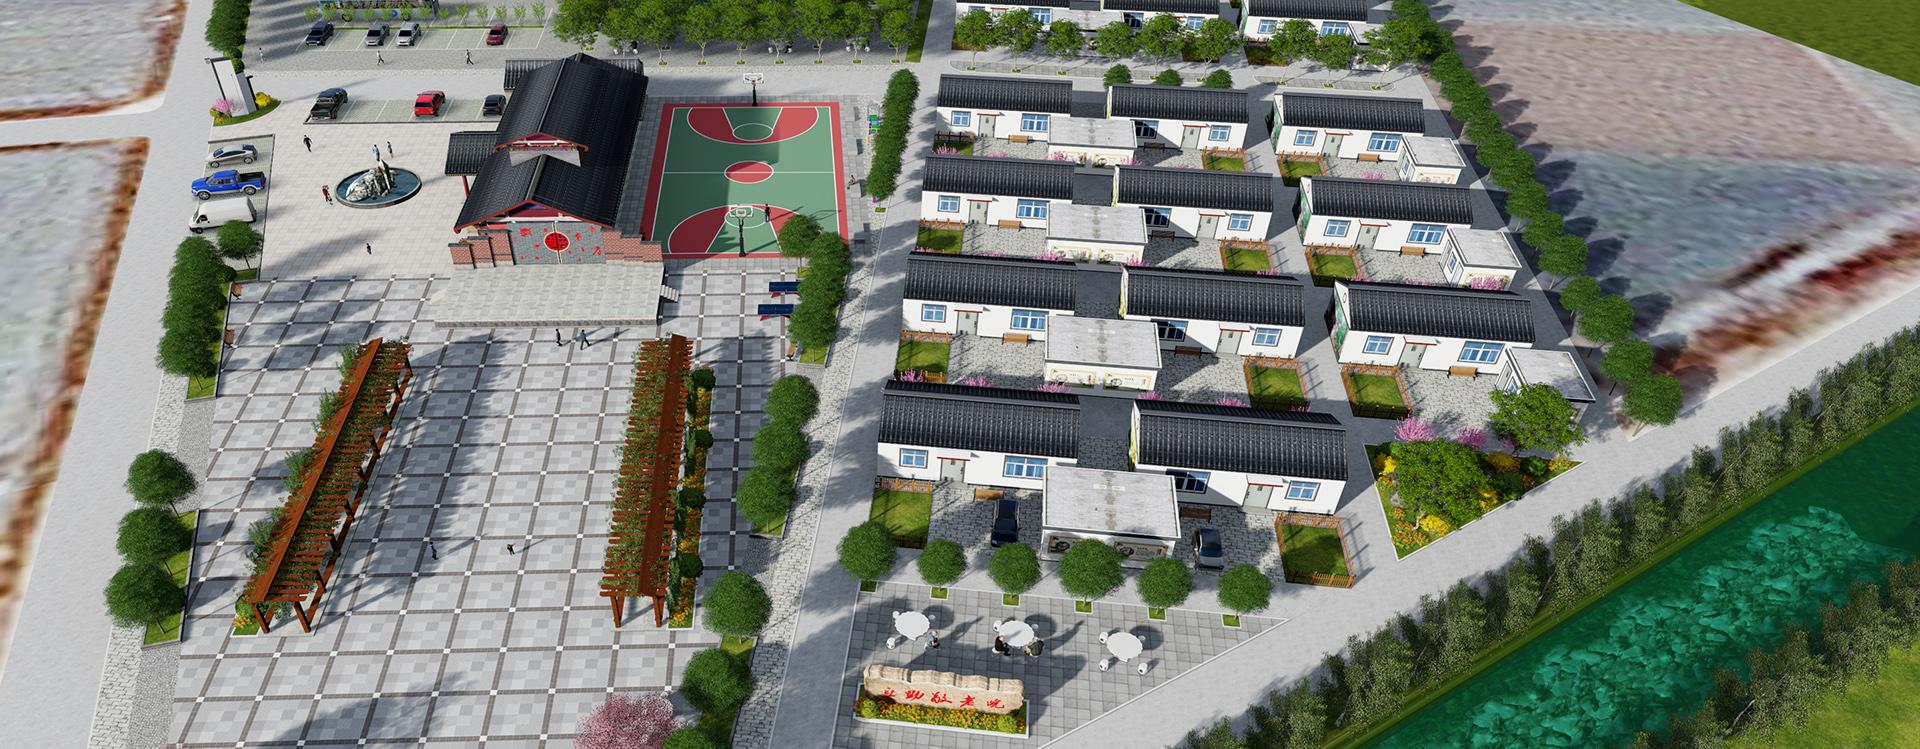 山东瑞明园林景观设计有限公司